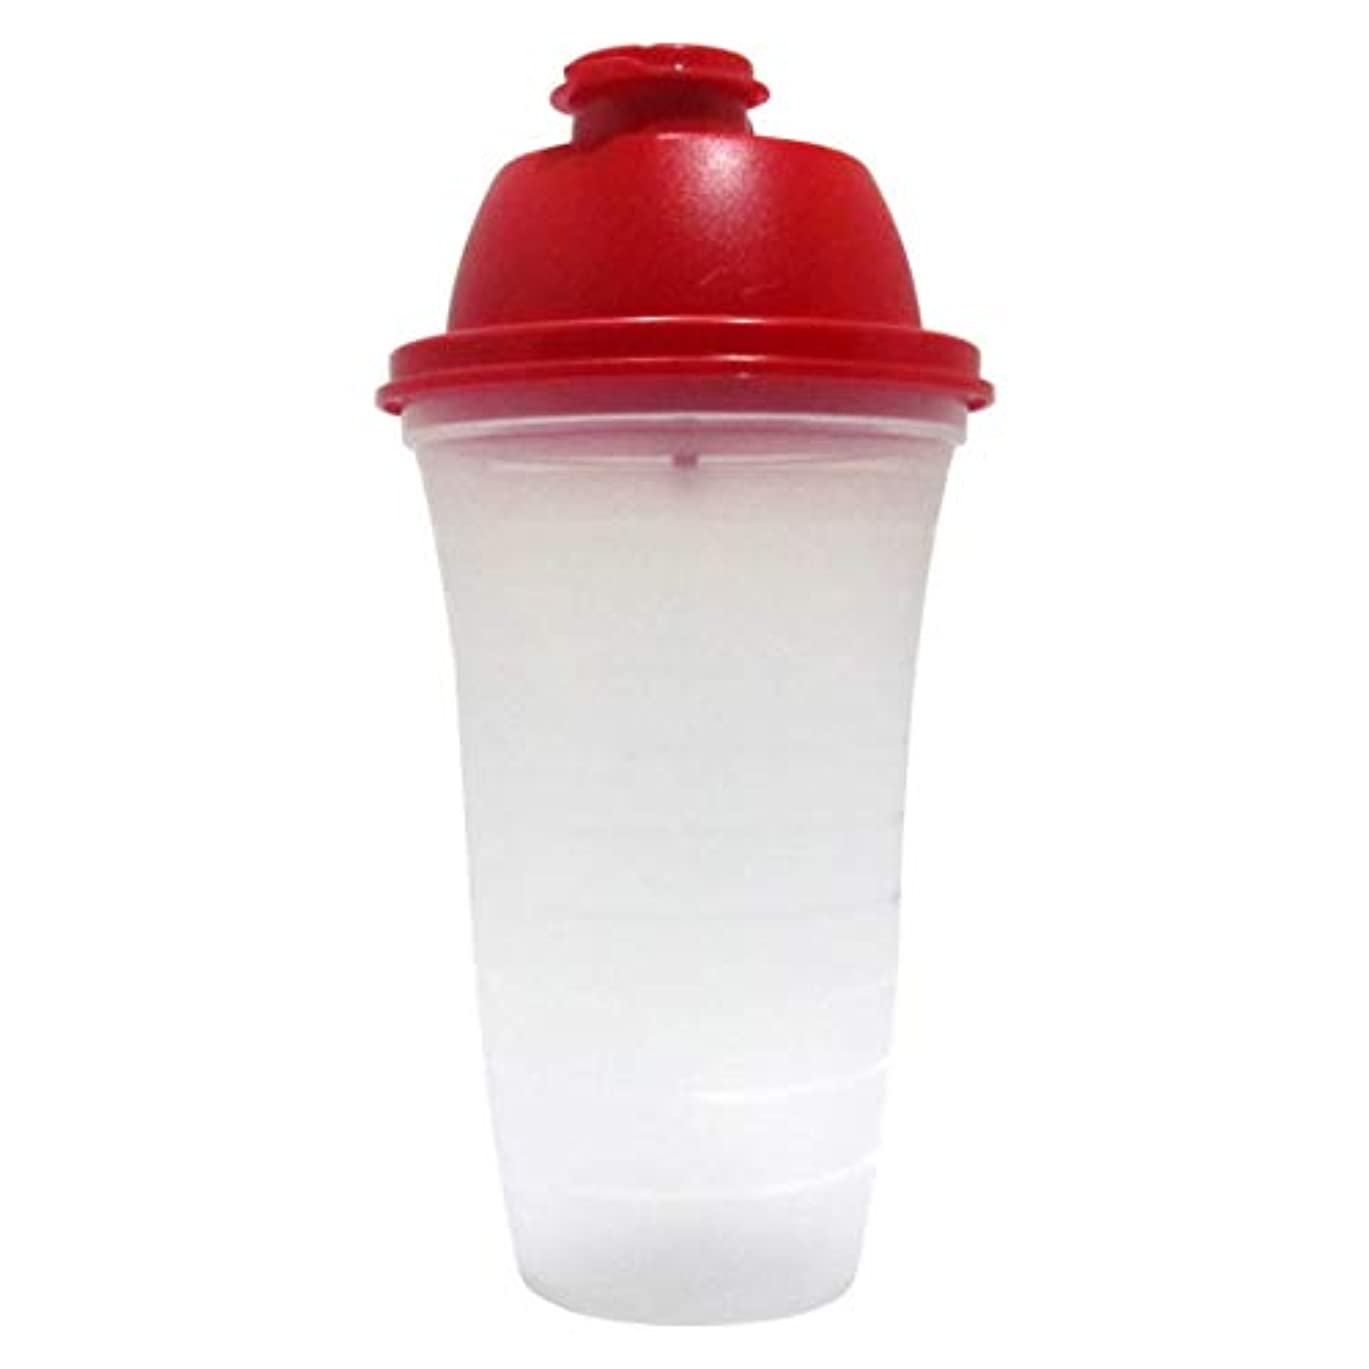 準備ができて冷えるヒョウAVS STORE ® Tupperware CupクイックShaker 500 ml